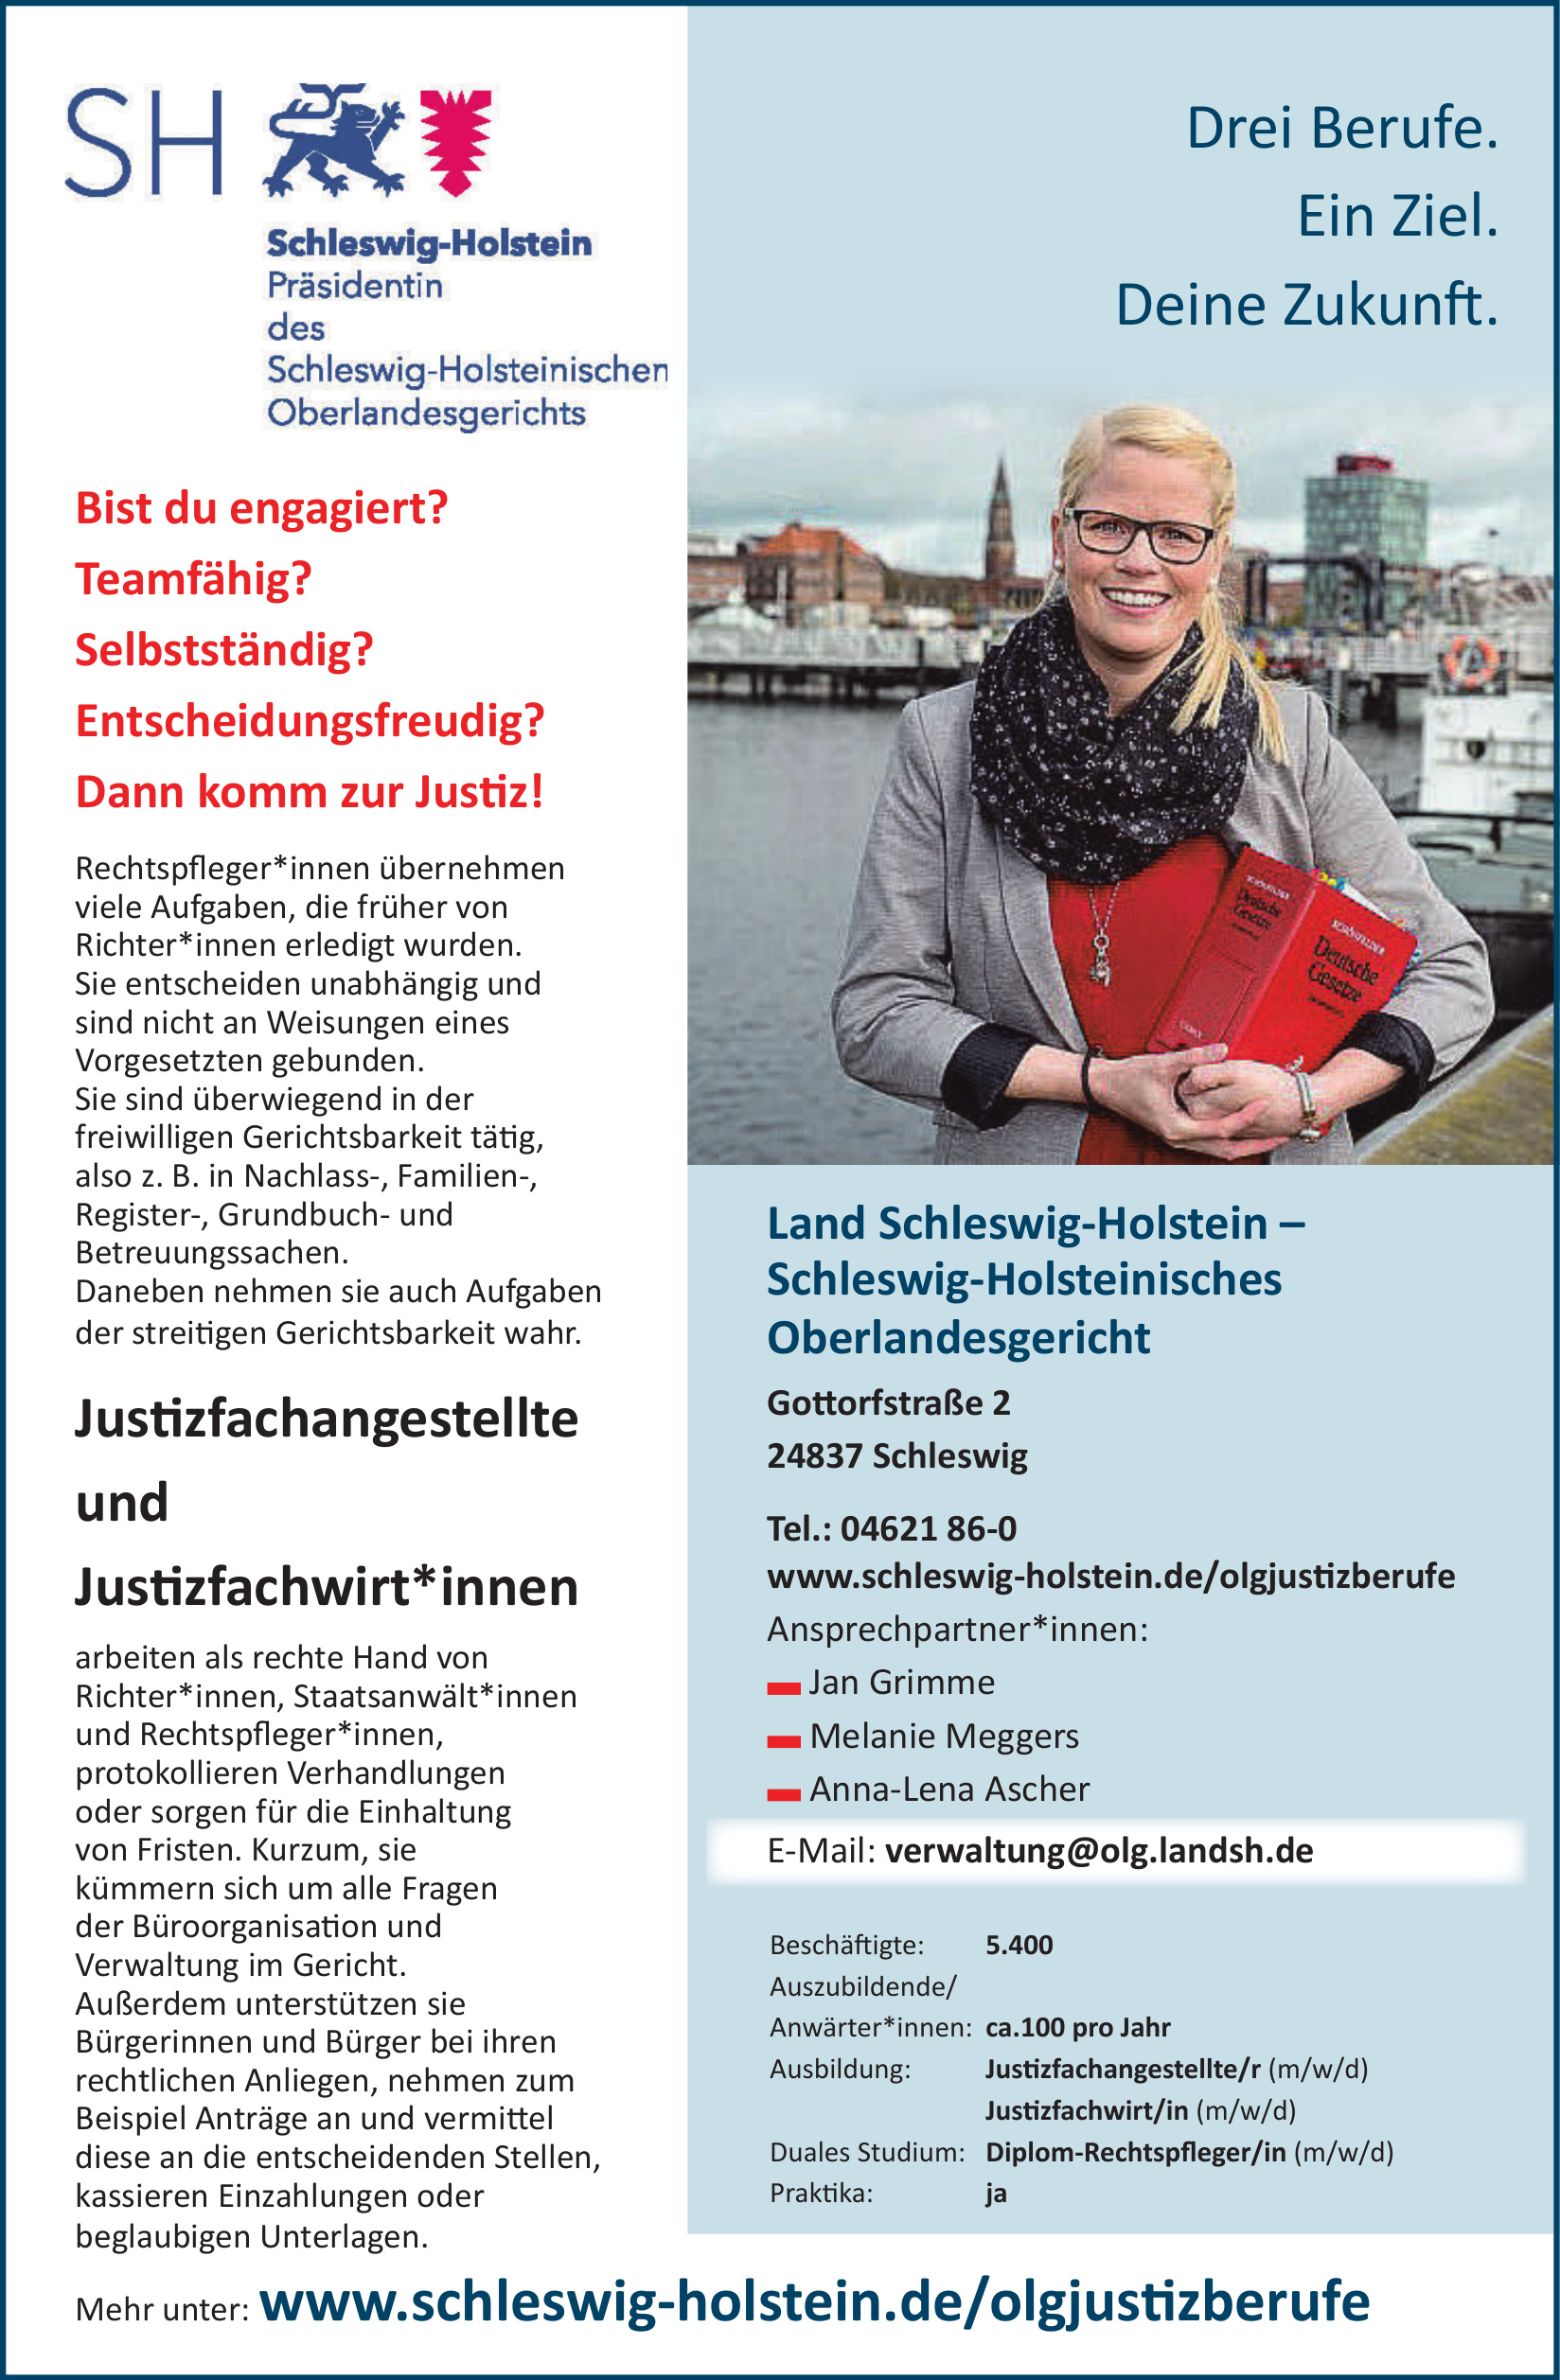 Land Schleswig-Holstein – Schleswig-Holsteinisches Oberlandesgericht